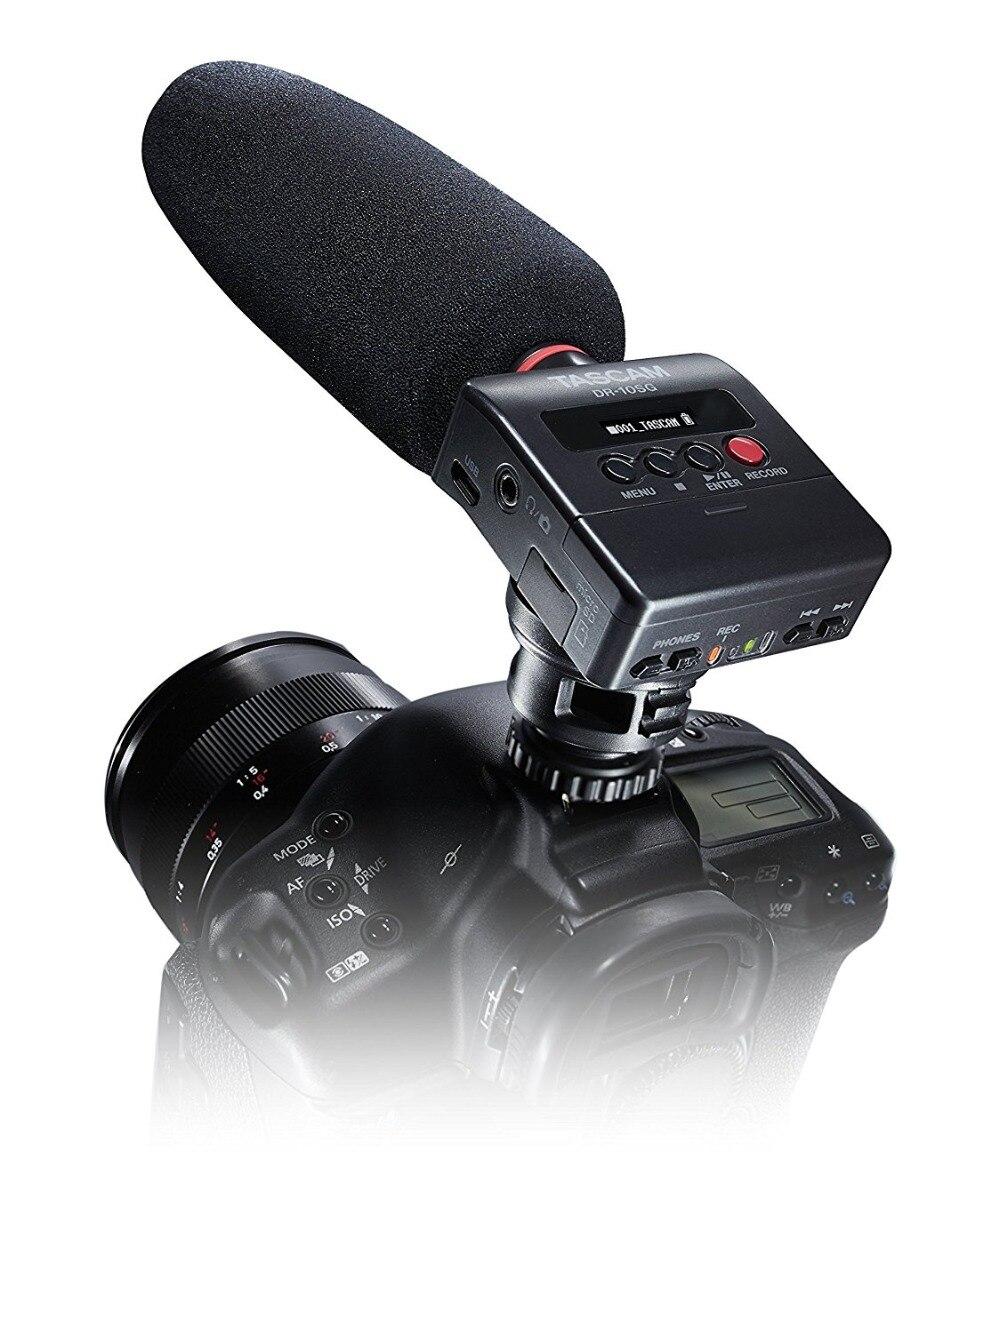 Gut Ausgebildete Tascam Dr-10sg Linear Pcm Recorder Shotgun Mikrofon & Digital Recorder Für Dslr Mit Geschenk 32 Gb Tf Karte Reinigen Der MundhöHle. Unterhaltungselektronik Digital Voice Recorder